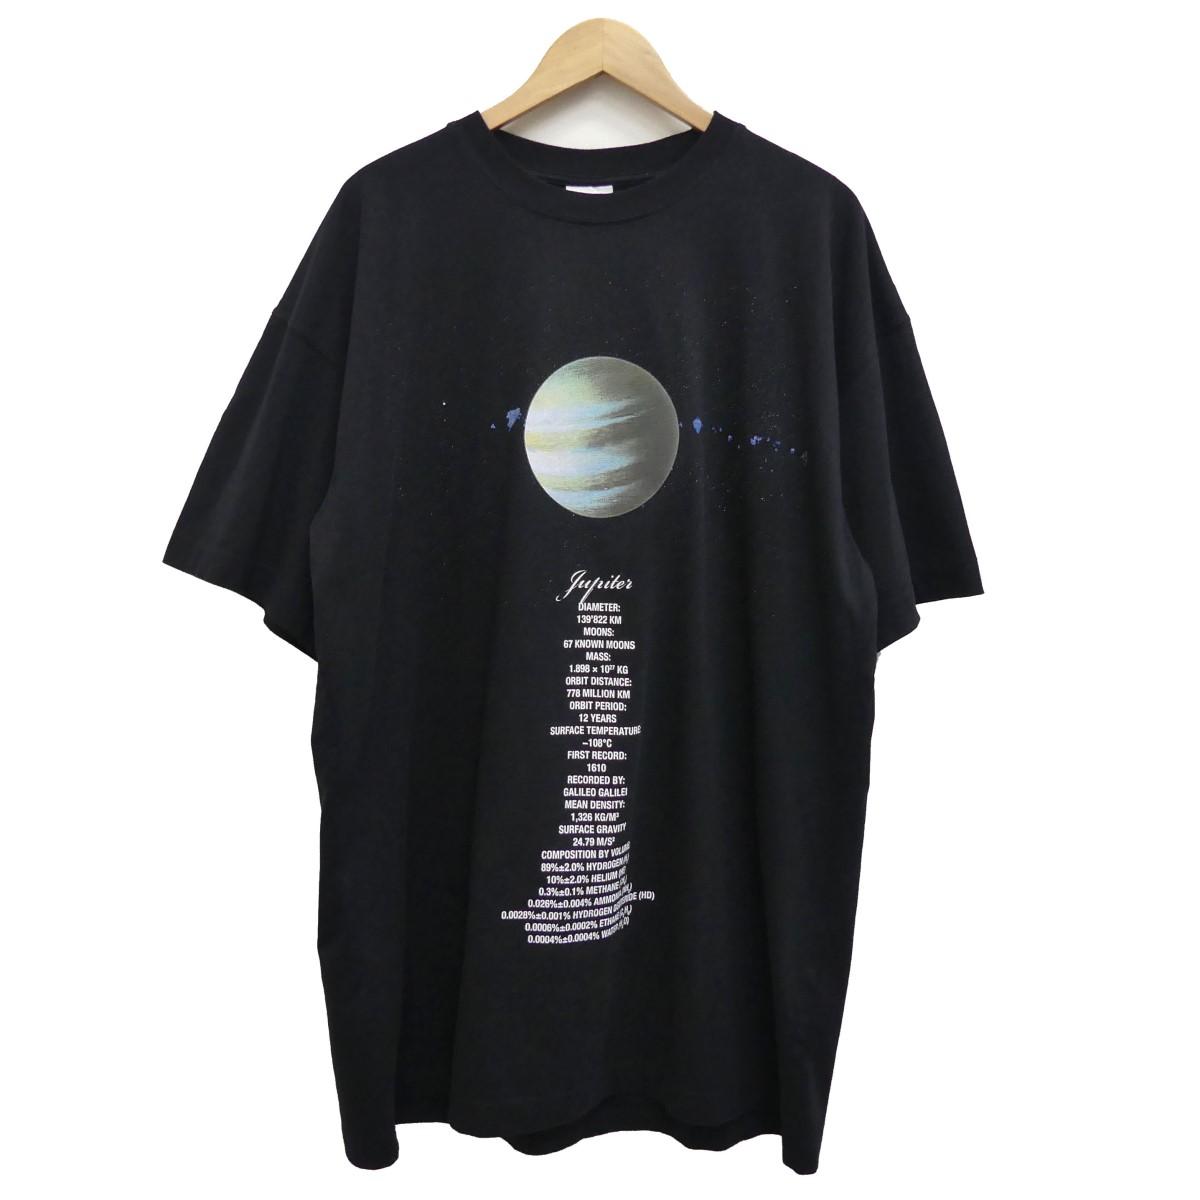 【中古】VETEMENTS 19SS PLANET NUMBER T-SHIRT プリントTシャツ ブラック サイズ:S 【020520】(ヴェトモン)